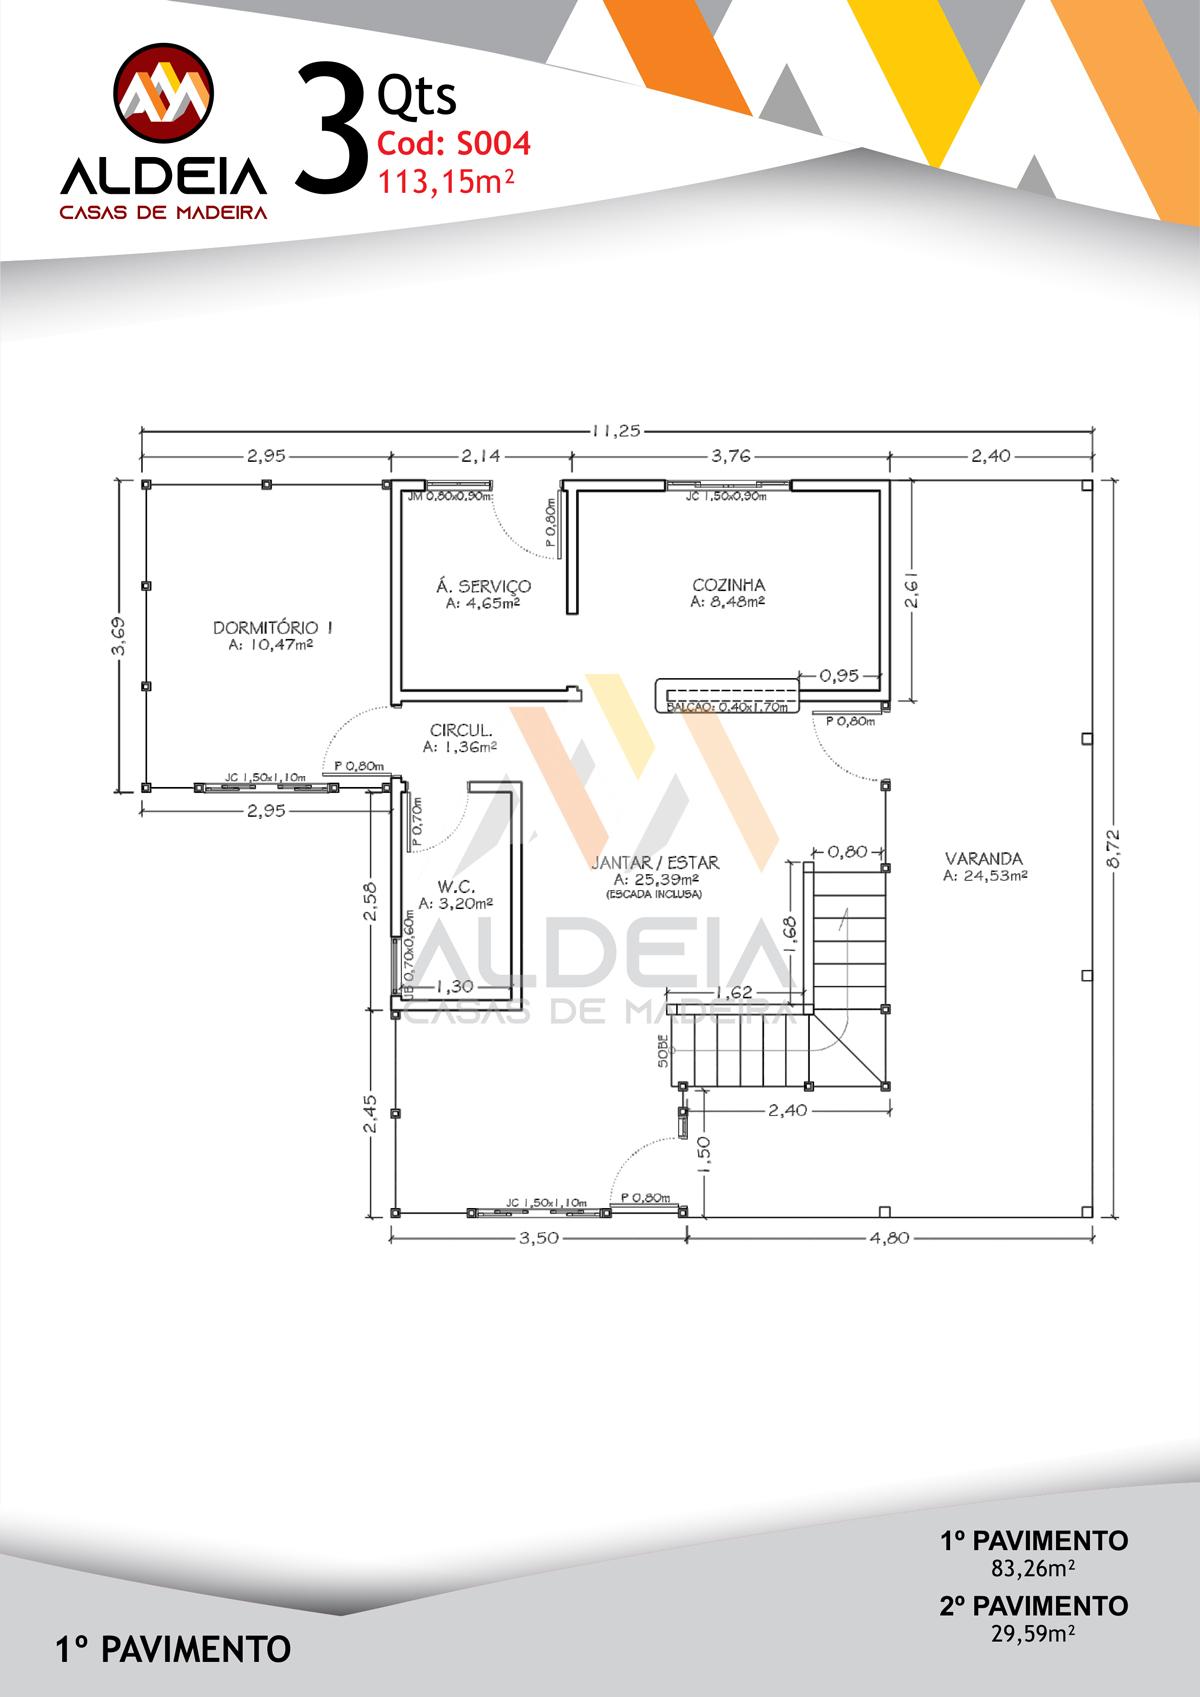 aldeia-casas-madeira-arquitetura-S004-1